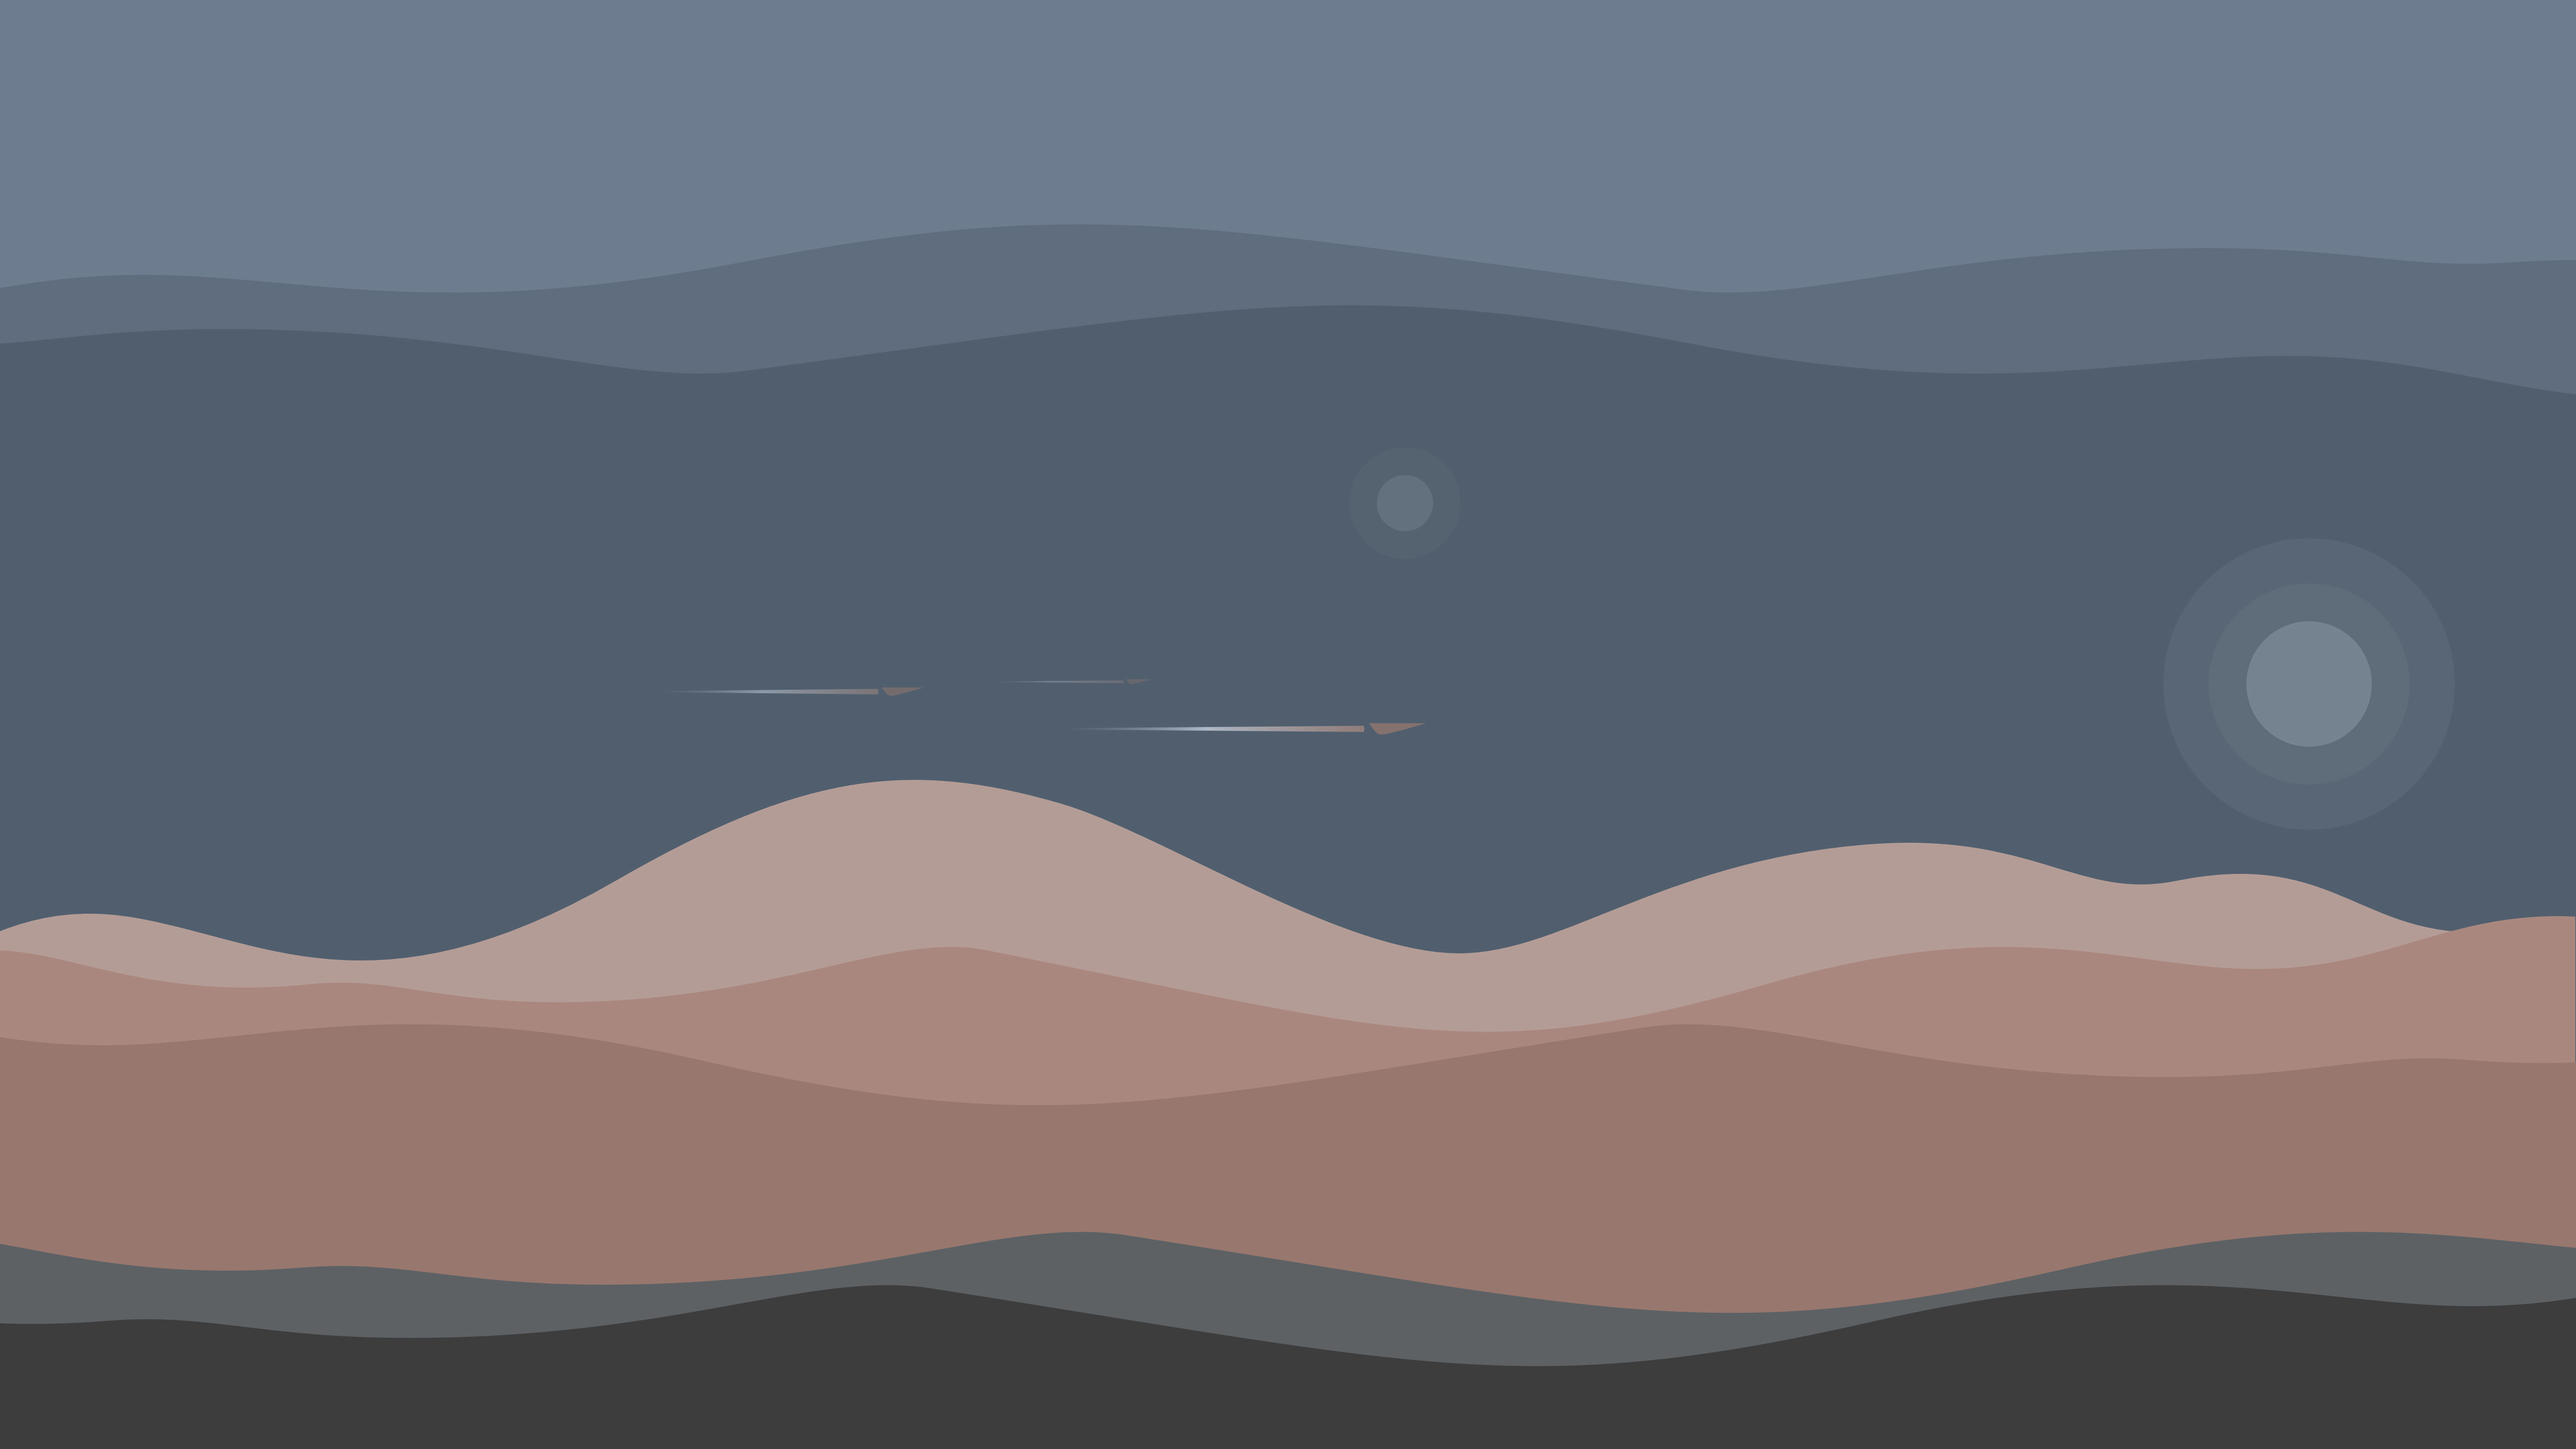 dunes night 5k 1540754997 - Dunes Night 5k - hd-wallpapers, dunes wallpapers, digital art wallpapers, deviantart wallpapers, artwork wallpapers, artist wallpapers, 5k wallpapers, 4k-wallpapers